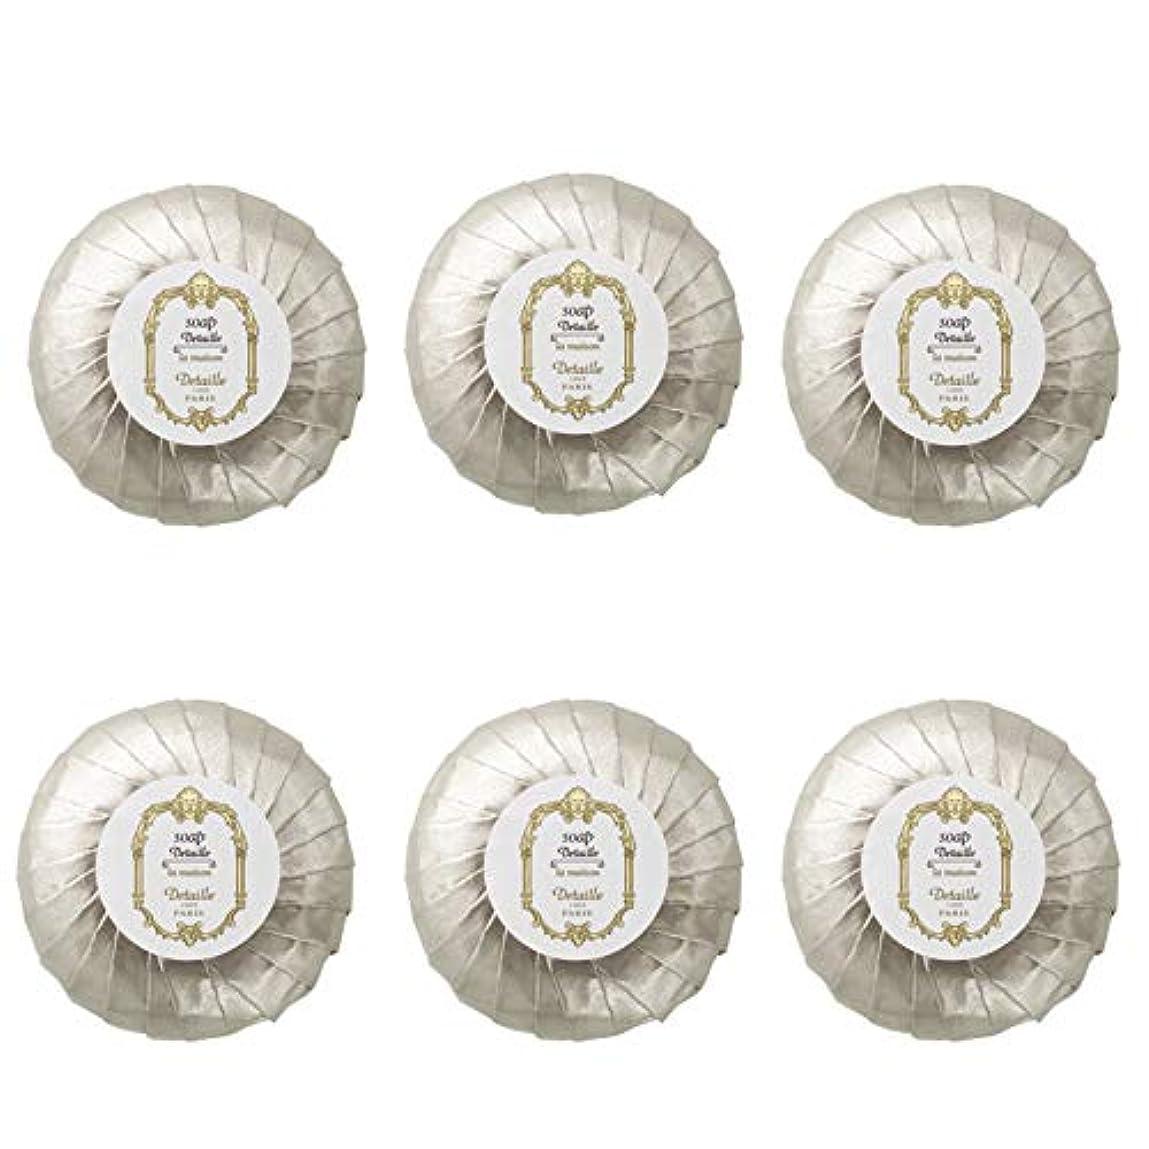 寮エスカレート検出器POLA デタイユ ラ メゾン スキンソープ 固形石鹸 (プリーツ包装) 50g×6個